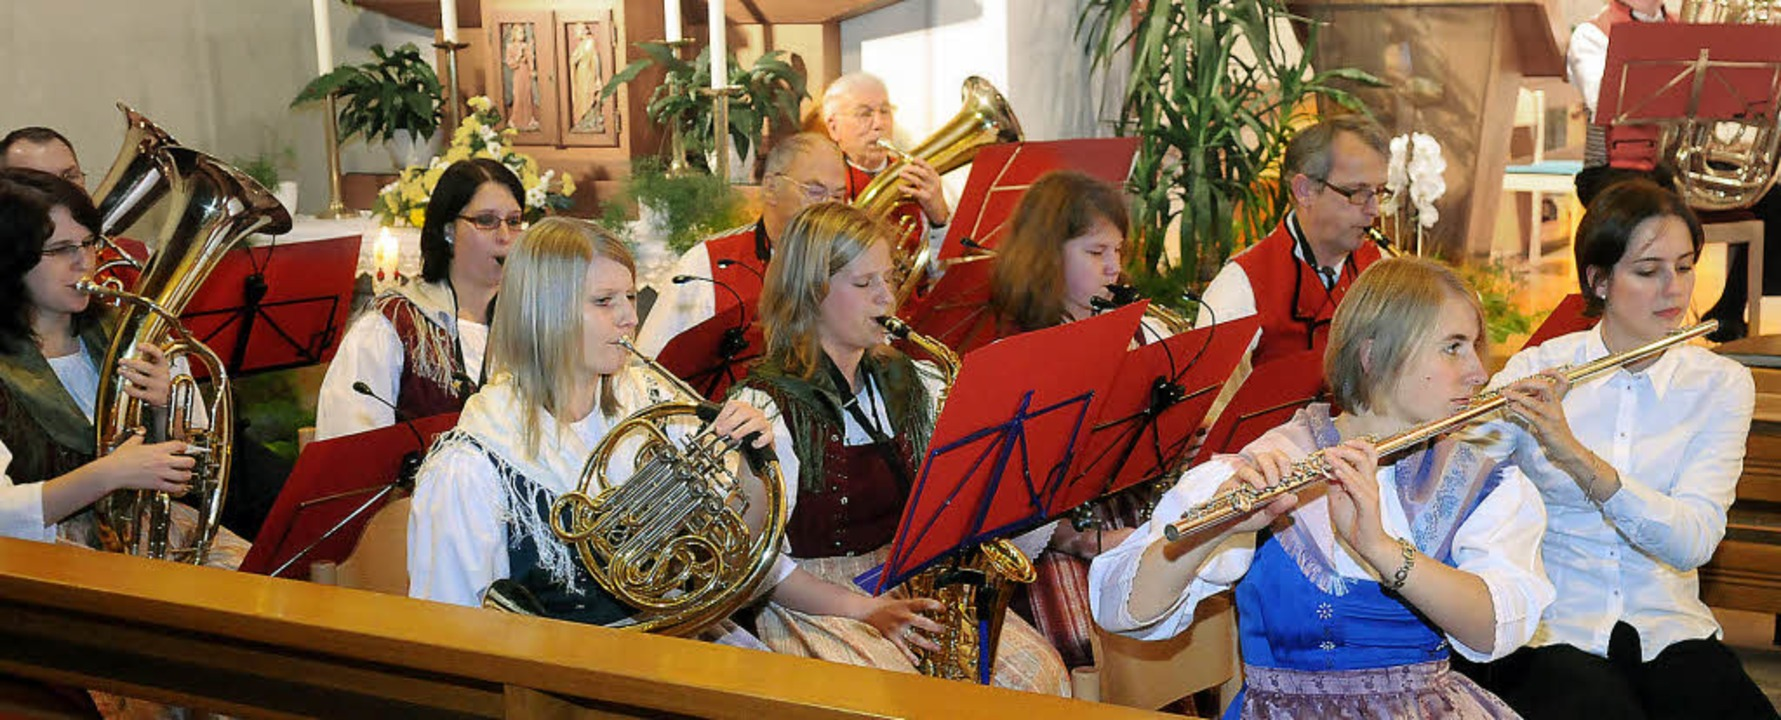 Die Leistung der Musiker belohnte das Publikum mit tosendem Applaus.    | Foto: Wolfgang Künstle